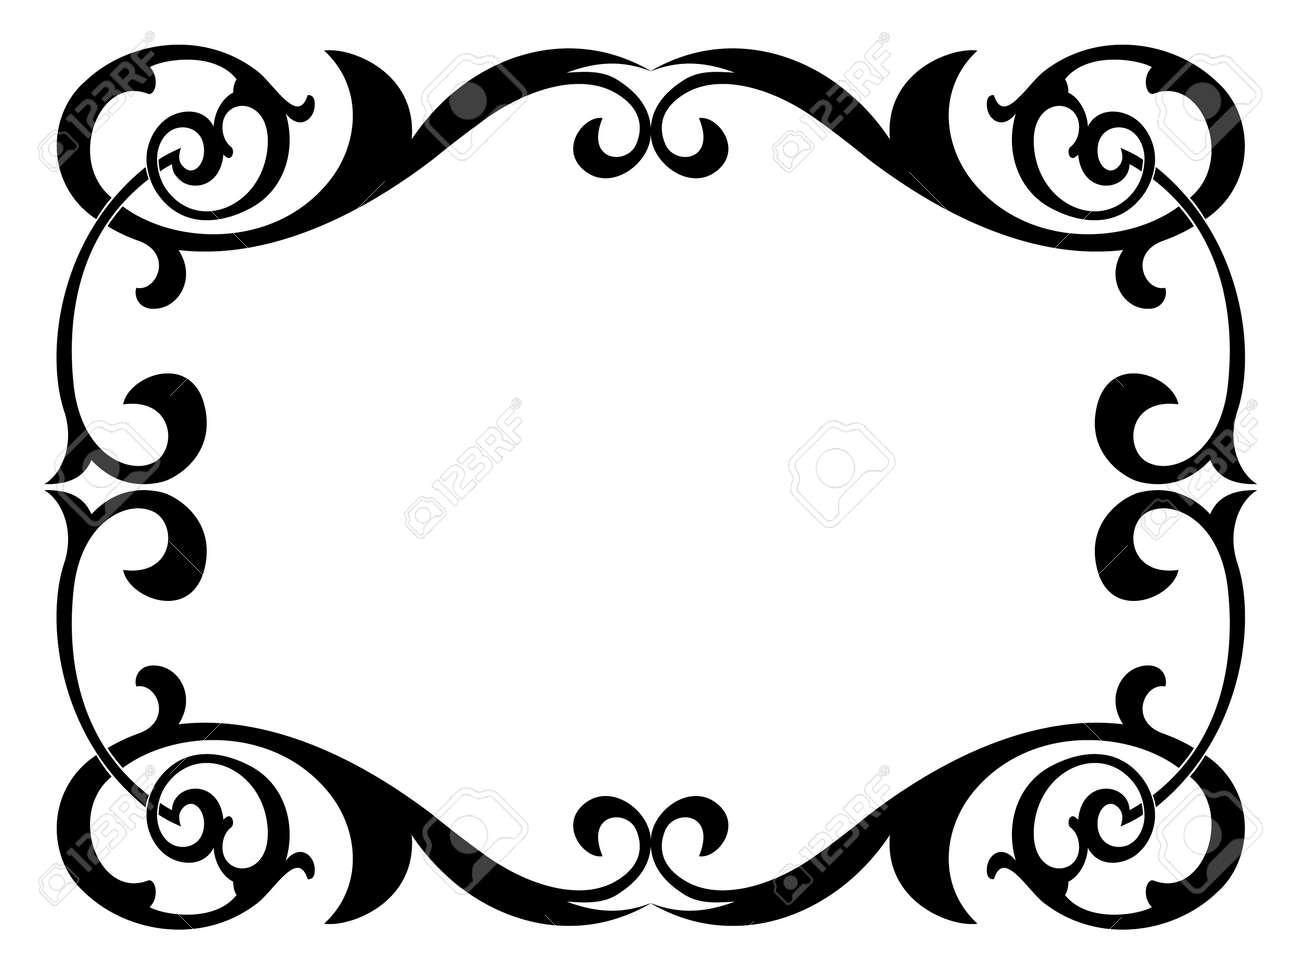 Encadrement Baroque calligraphie calligraphie de cadre baroque noirs bouclés isolé clip